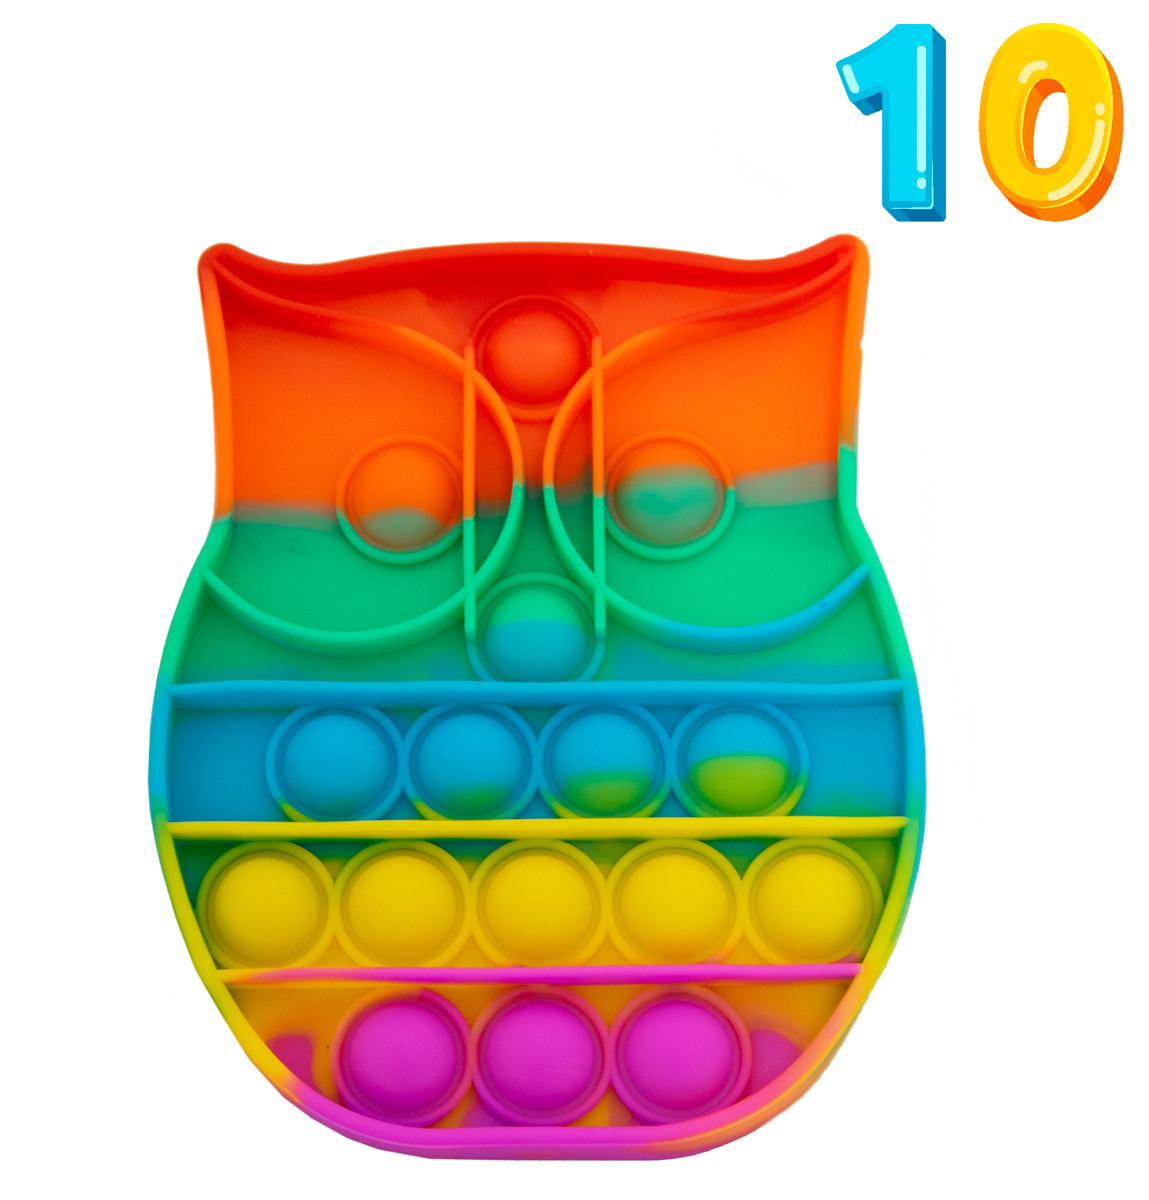 Антистрес пупирка Поп Іт Різнобарвна в формі Сови 10.5х13 см №10, іграшка антистрес pop it | игрушка pop it